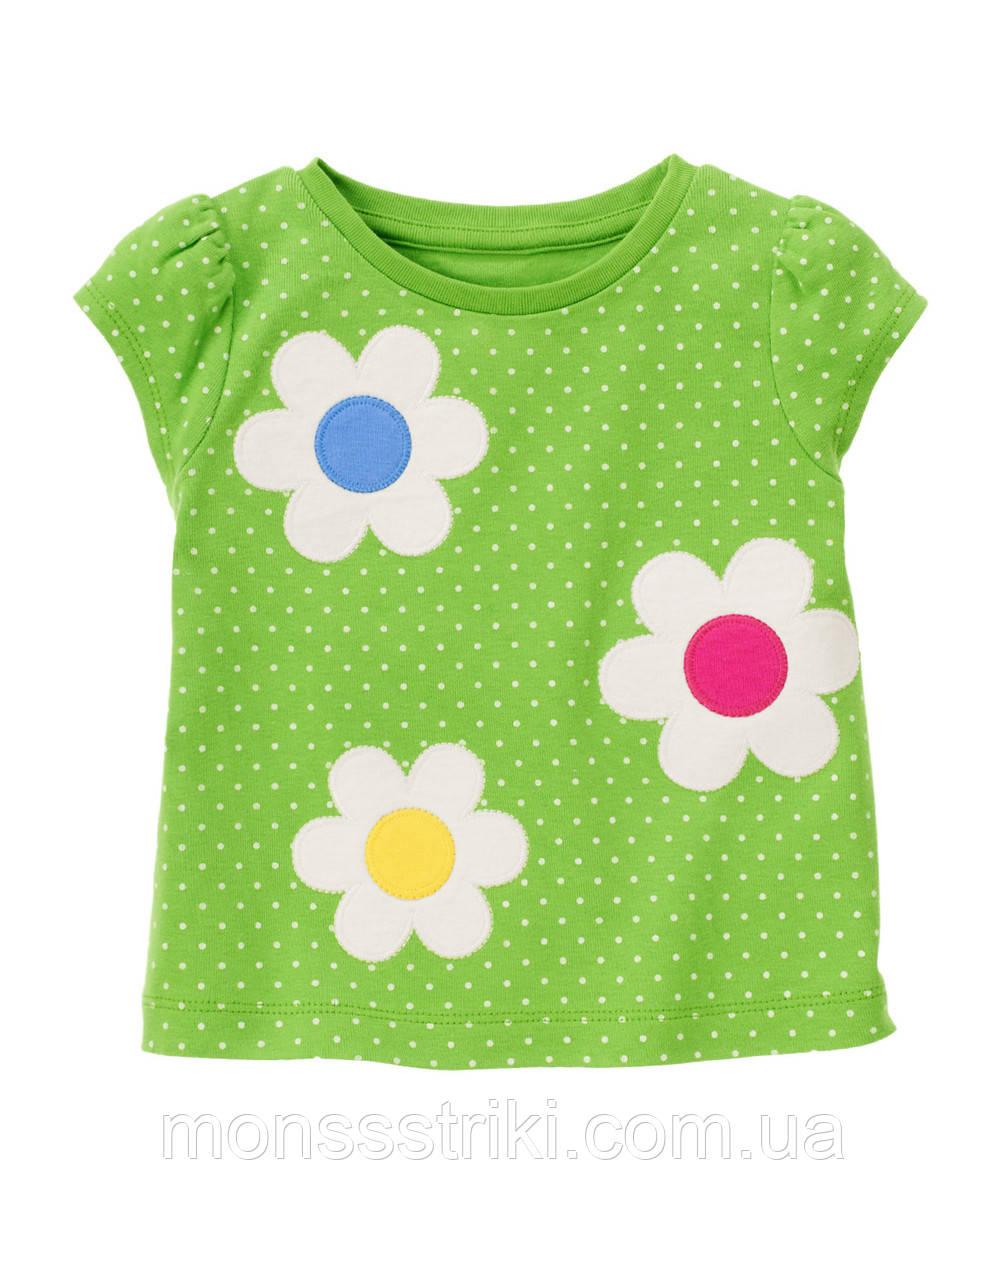 Брендовая Детская Одежда Интернет Магазин